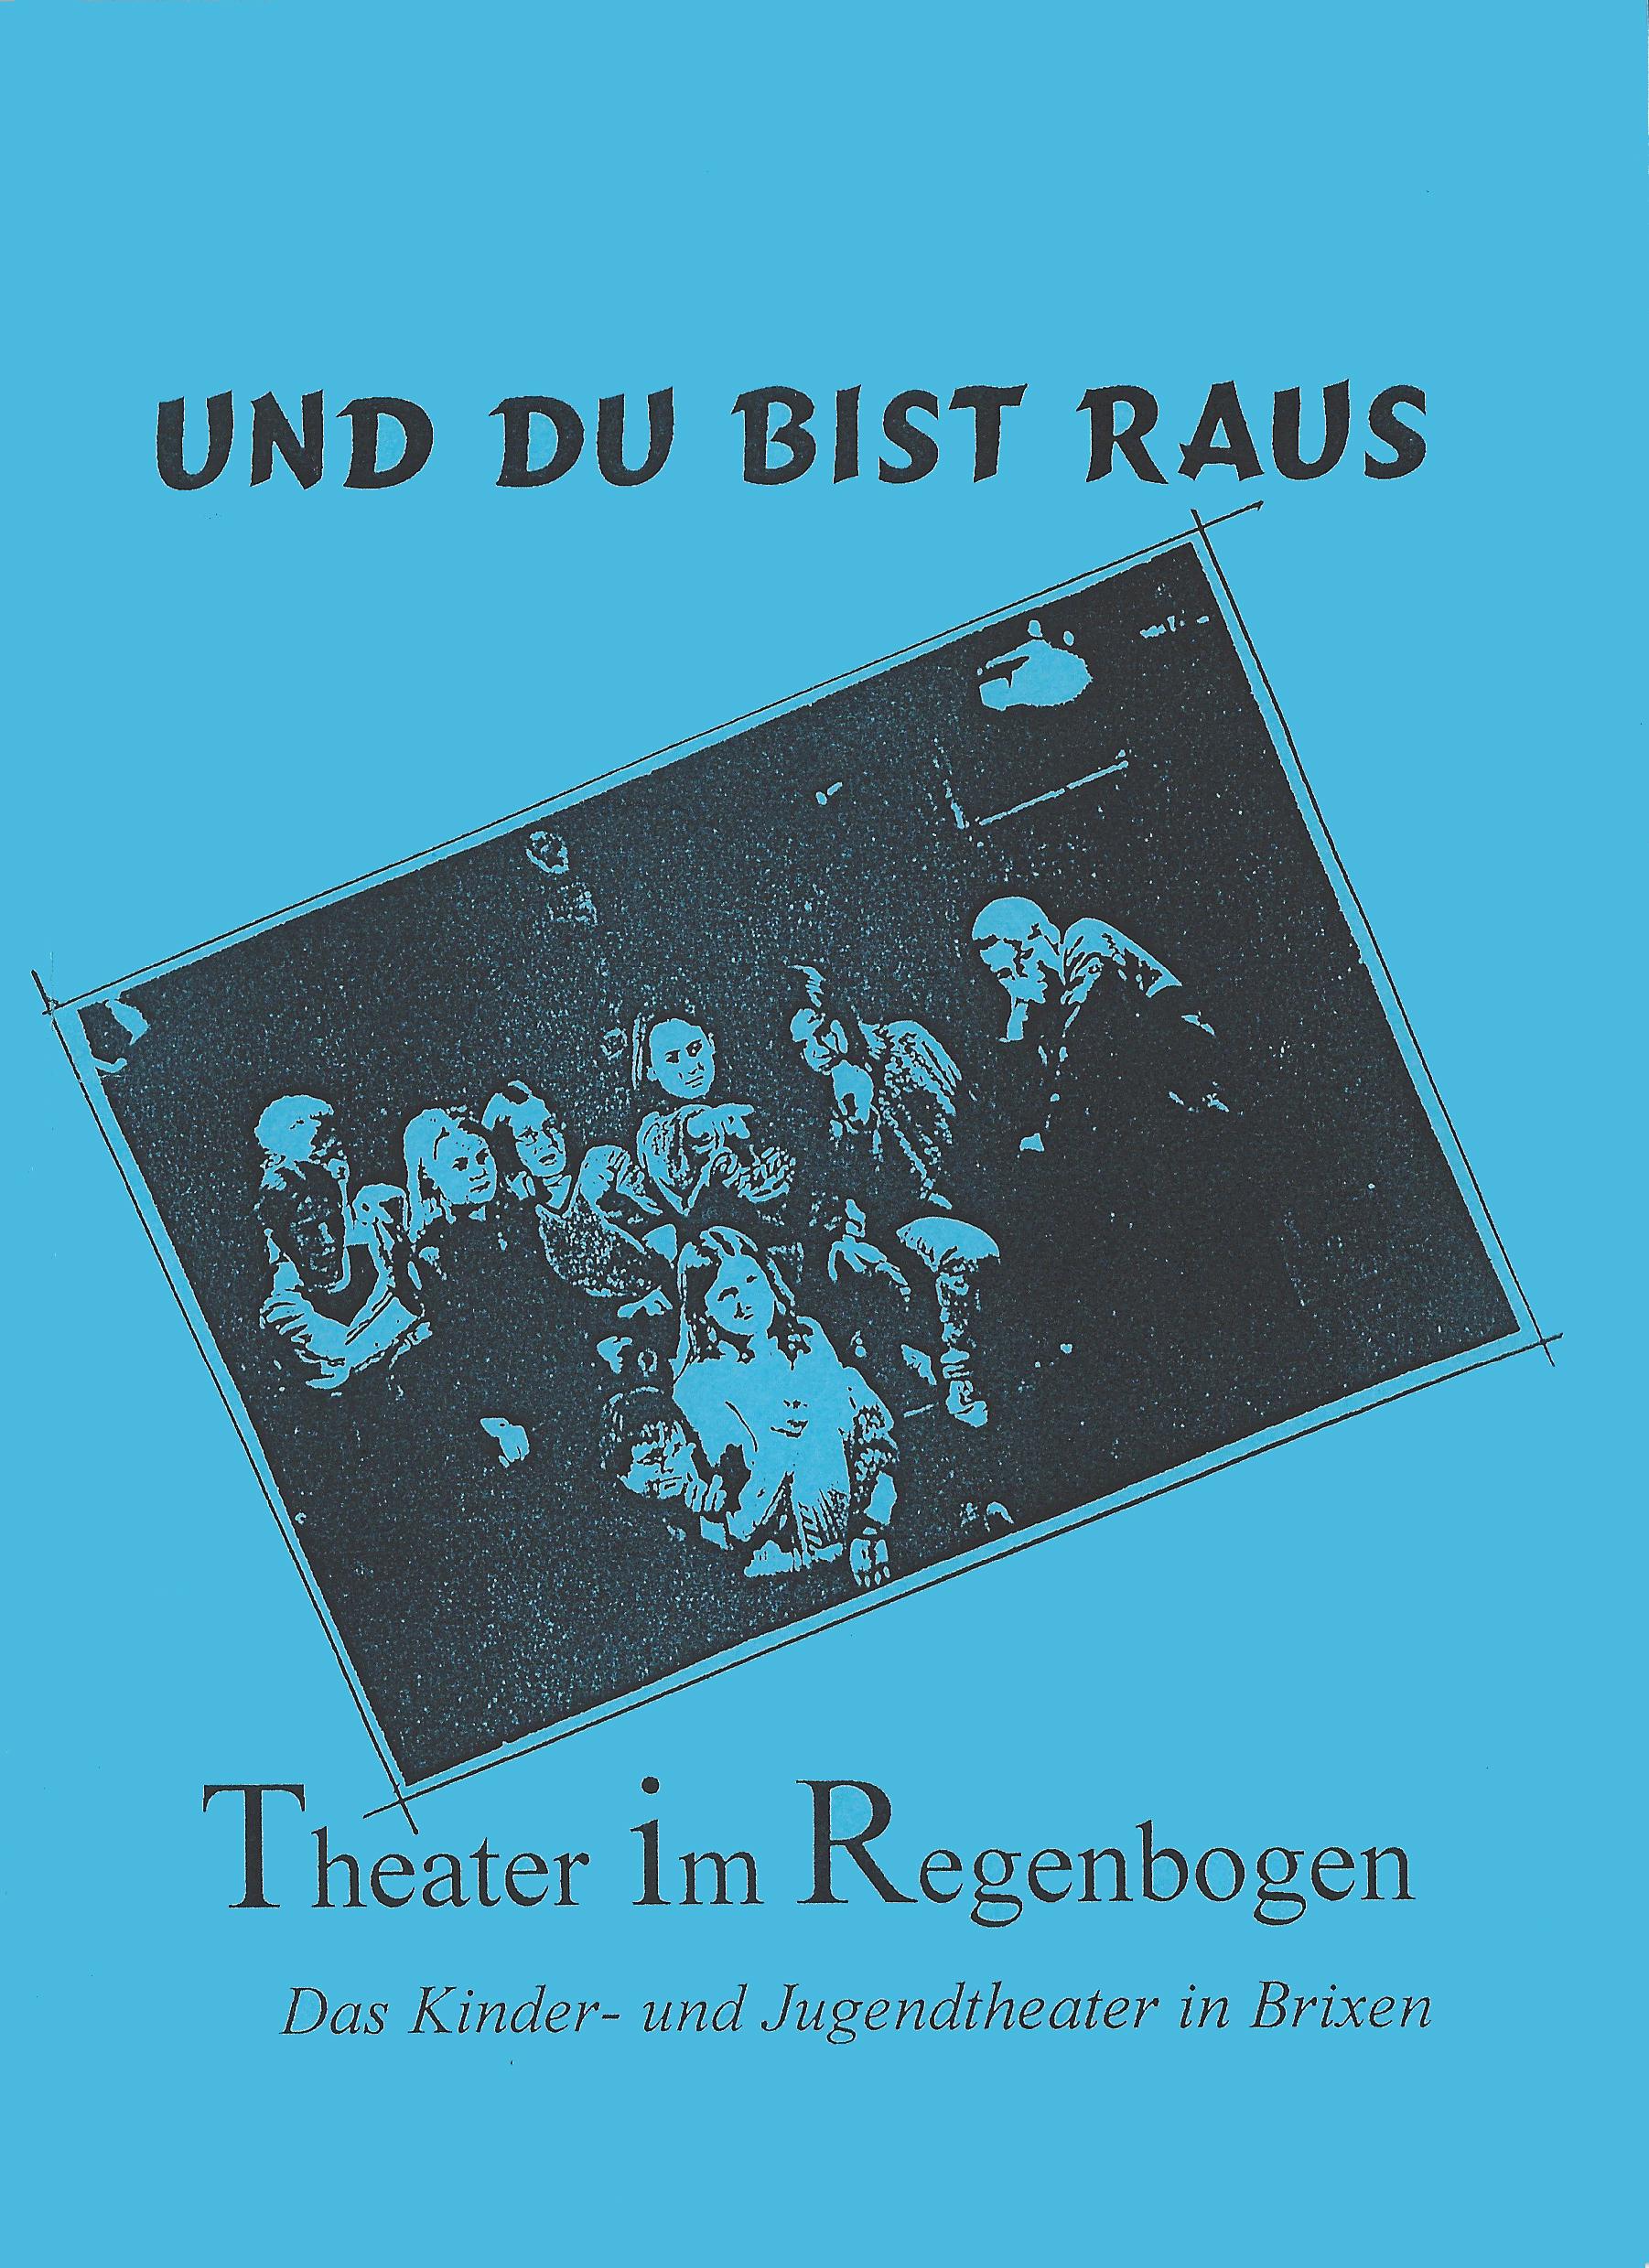 1997 gelb Und du bist raus Plakat.jpg